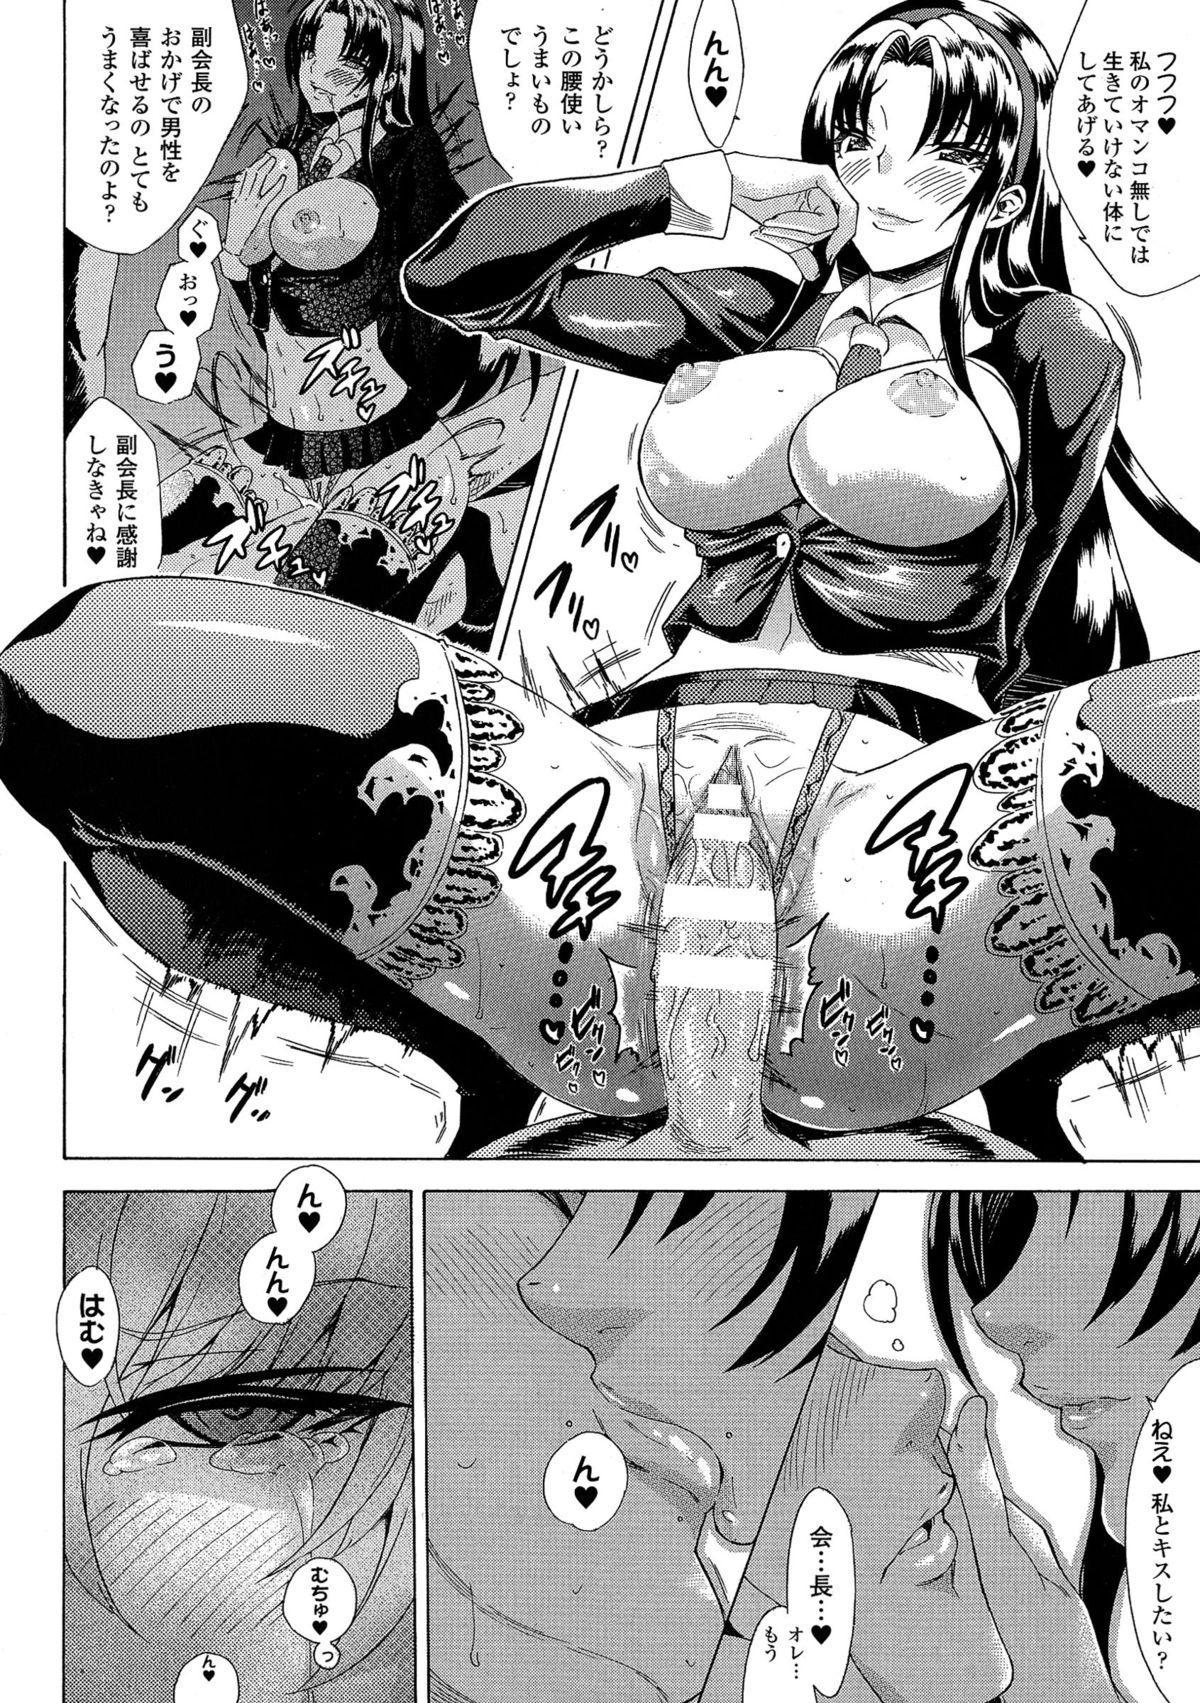 Kachiki na Onna ga Buzama na Ahegao o Sarasu made 57